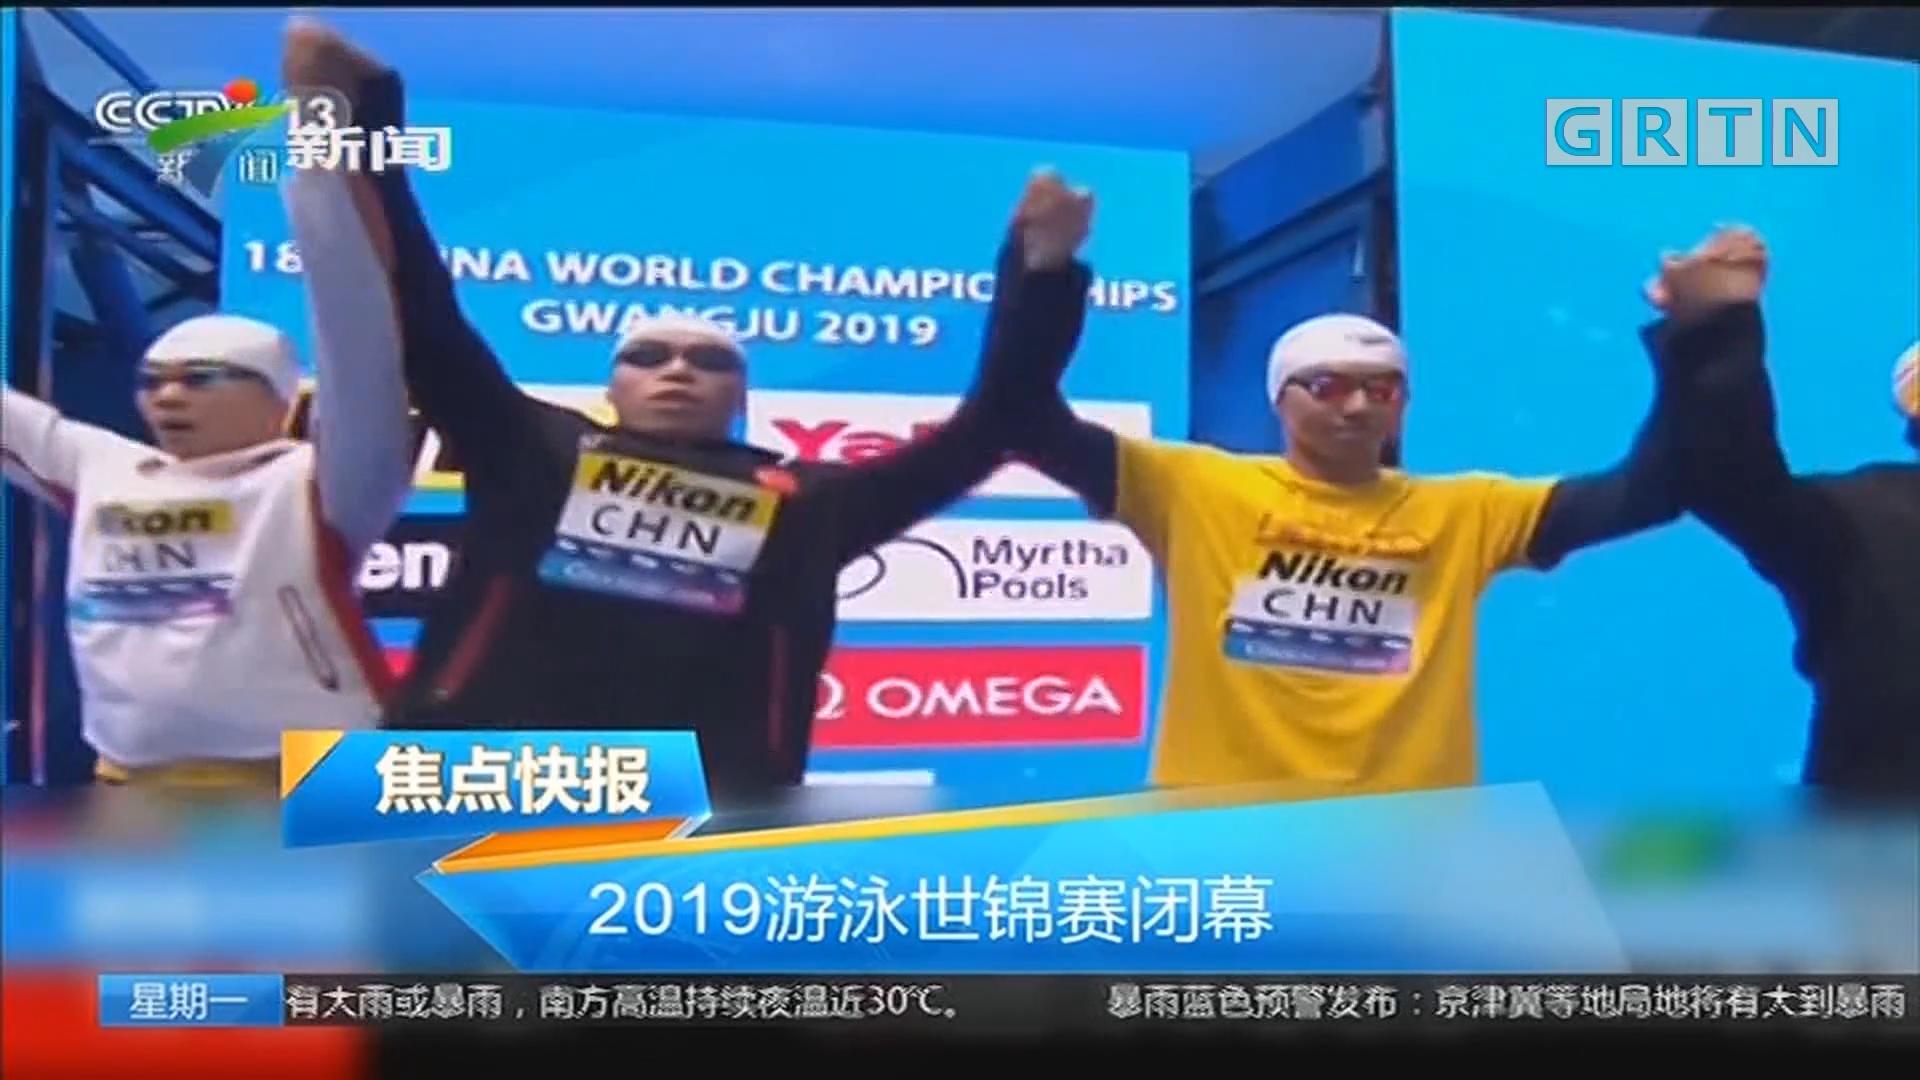 2019游泳世锦赛闭幕